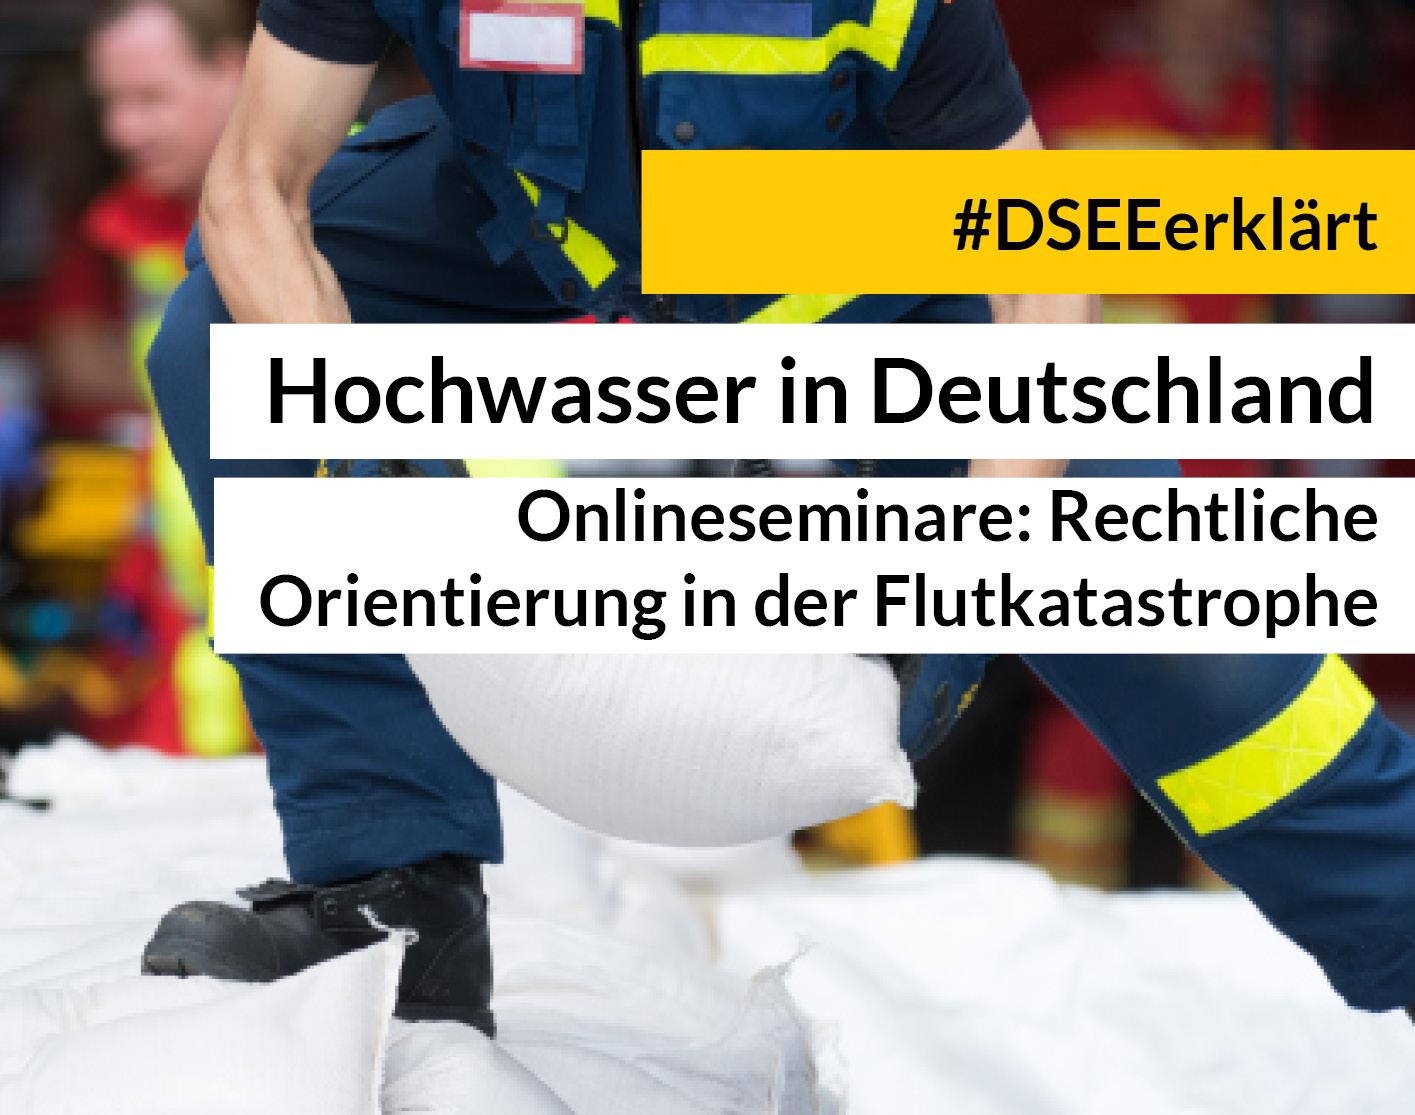 Fluthelfer heben einen Sandsack, TExt: Hochwasser in Deutschland - Onlineseminare: Rechtliche Orientierung in der Flutkatastrophe